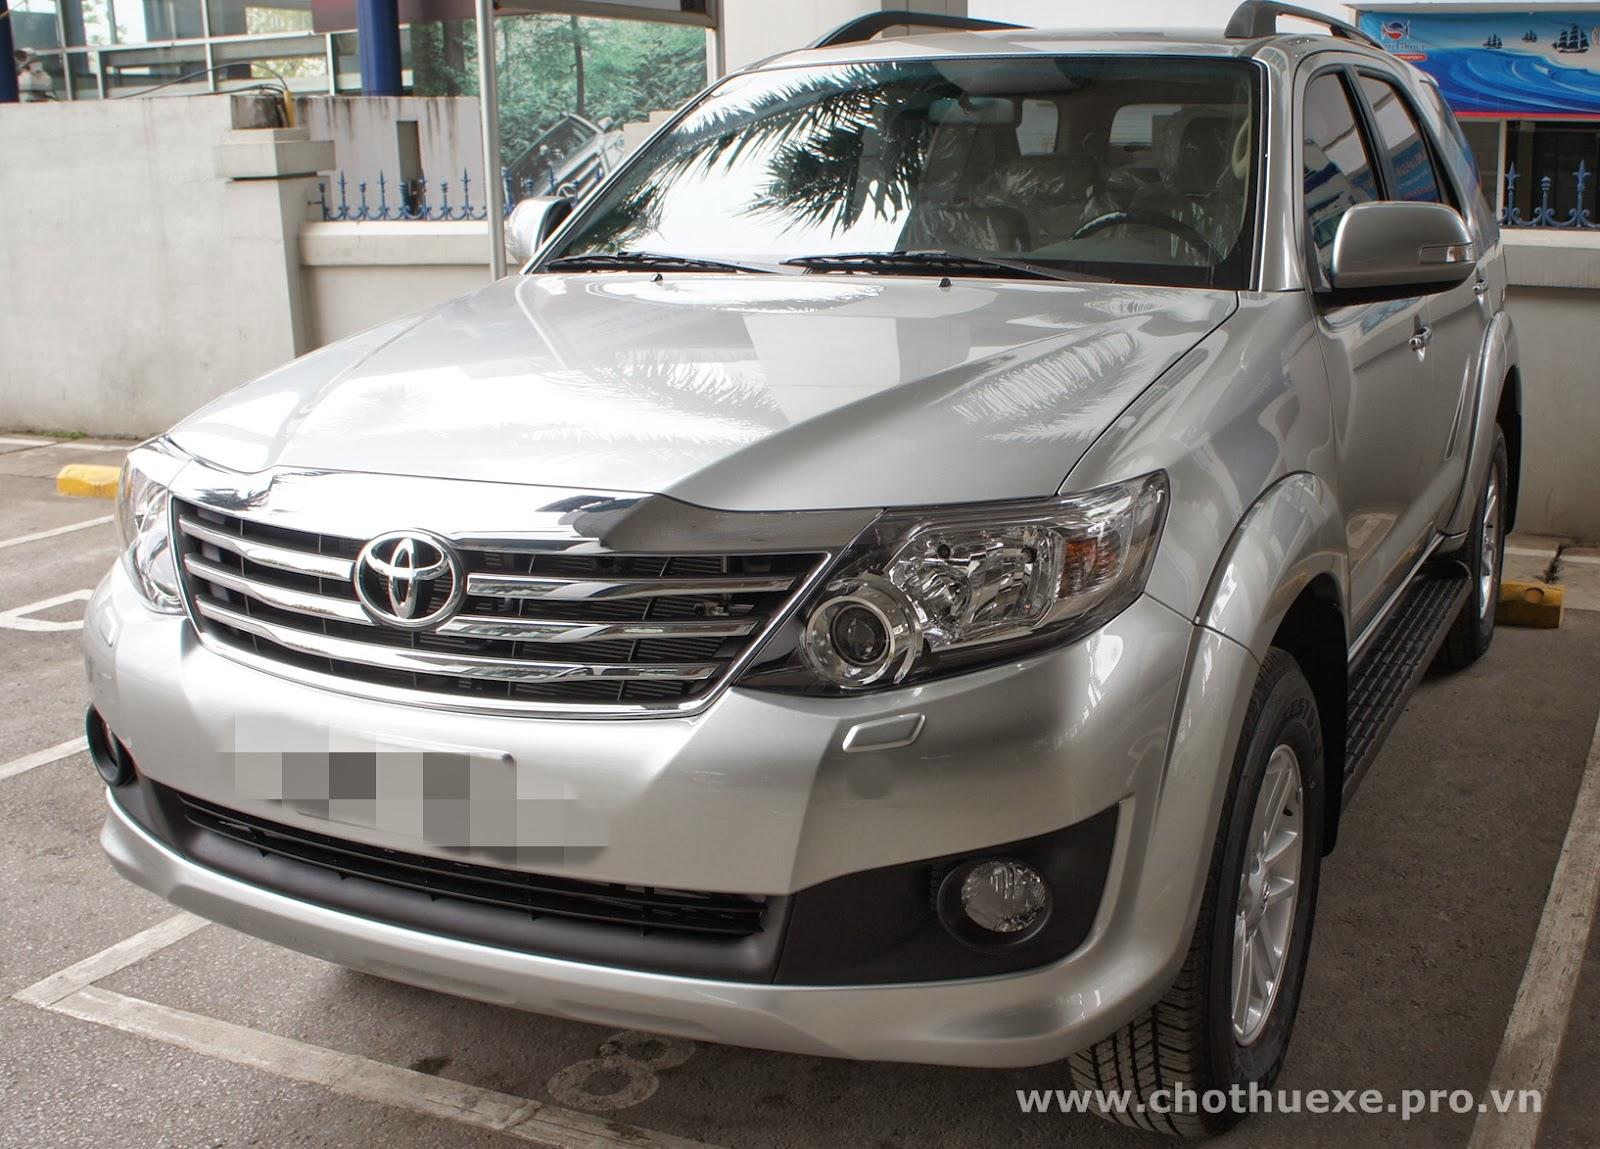 Cho thuê xe 7 chỗ đi Nam Định 2